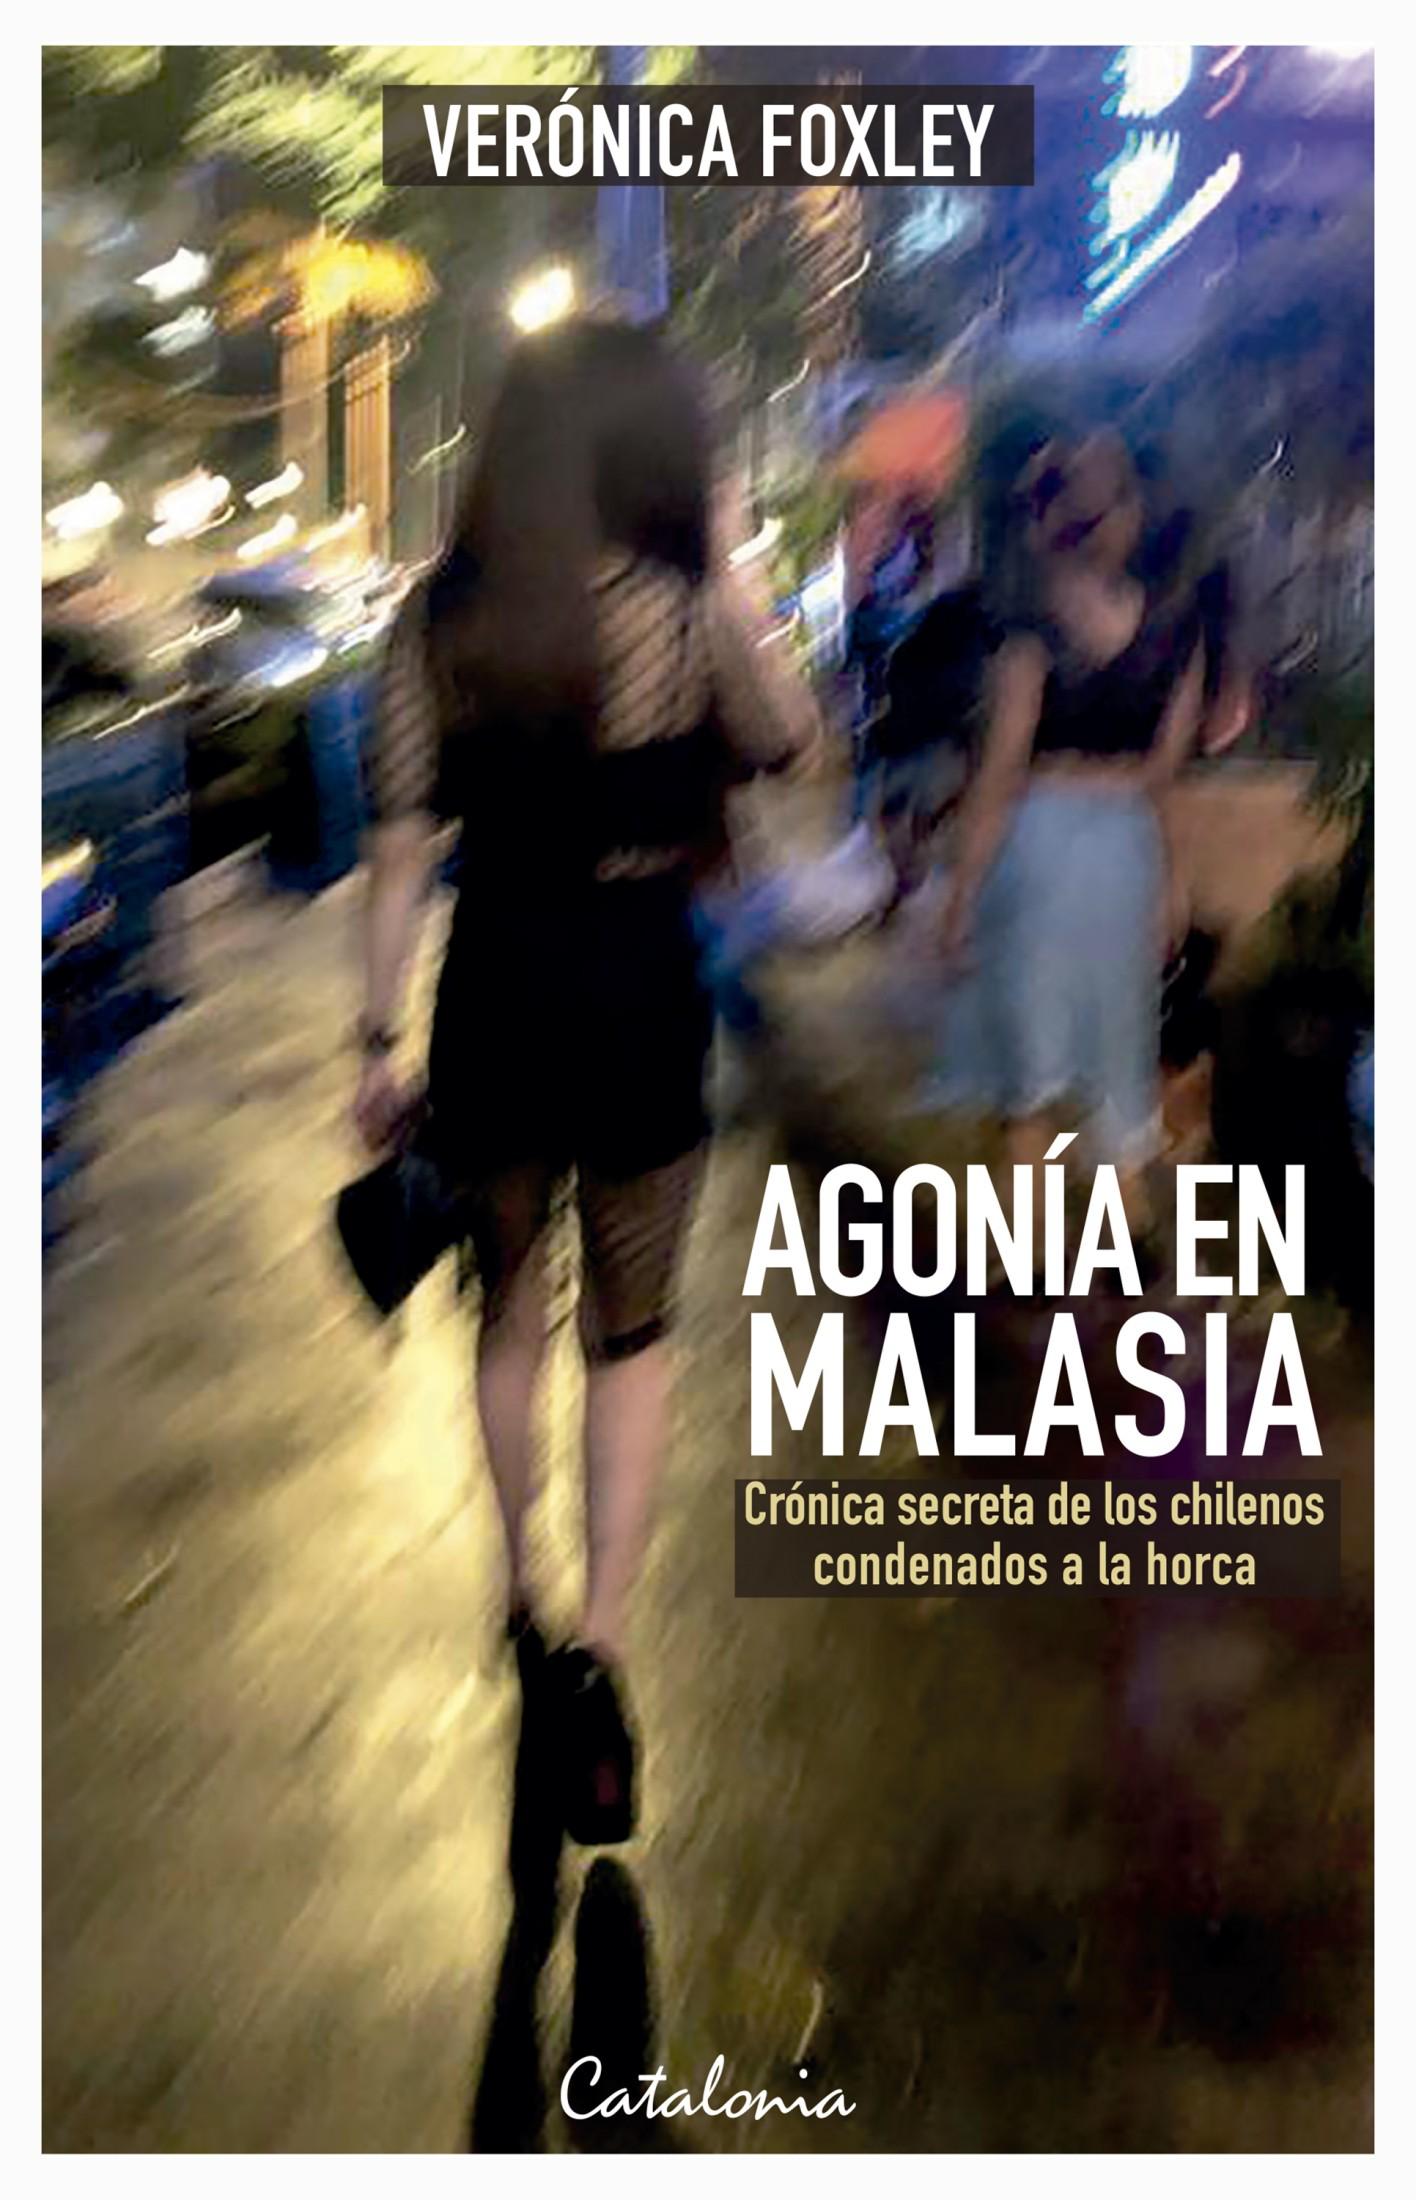 Agonía en Malasia: Crónica secreta de los chilenos condenados a la horca